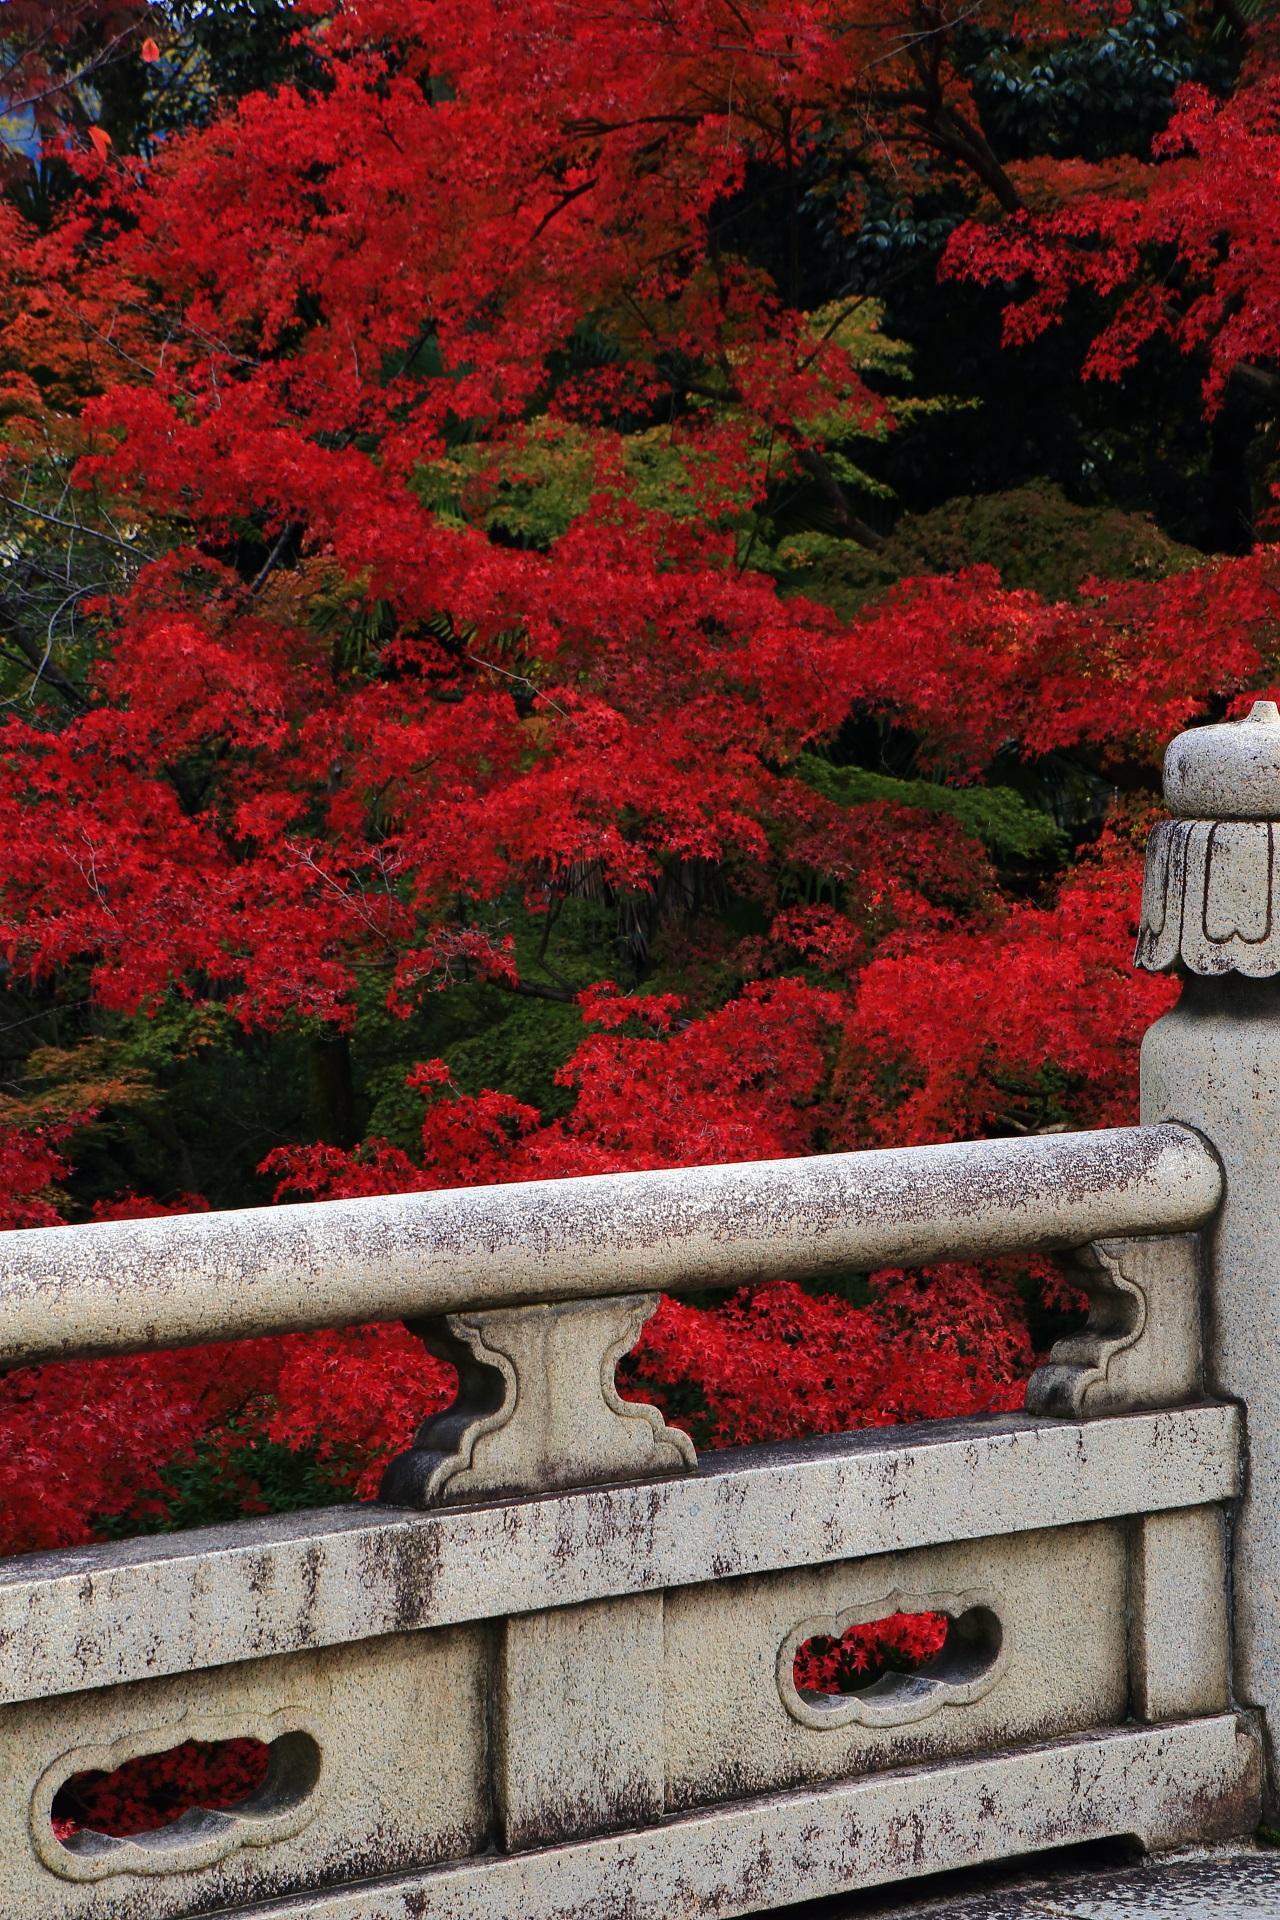 大谷本廟の静かな石橋の向こうの燃え上がるような真っ赤な紅葉